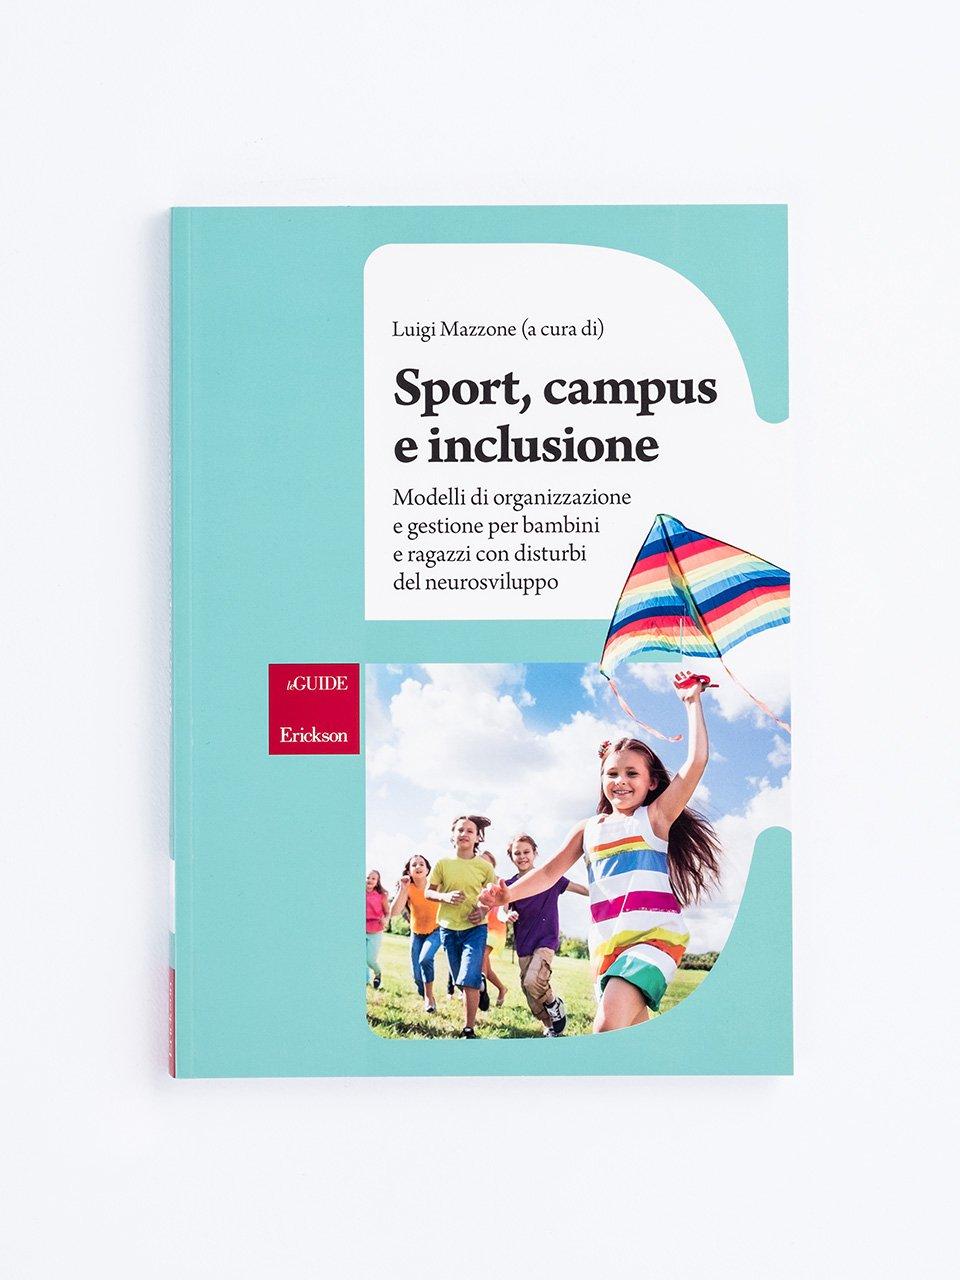 Sport, campus e inclusione - Lo sport come strumento di inclusione - Erickson